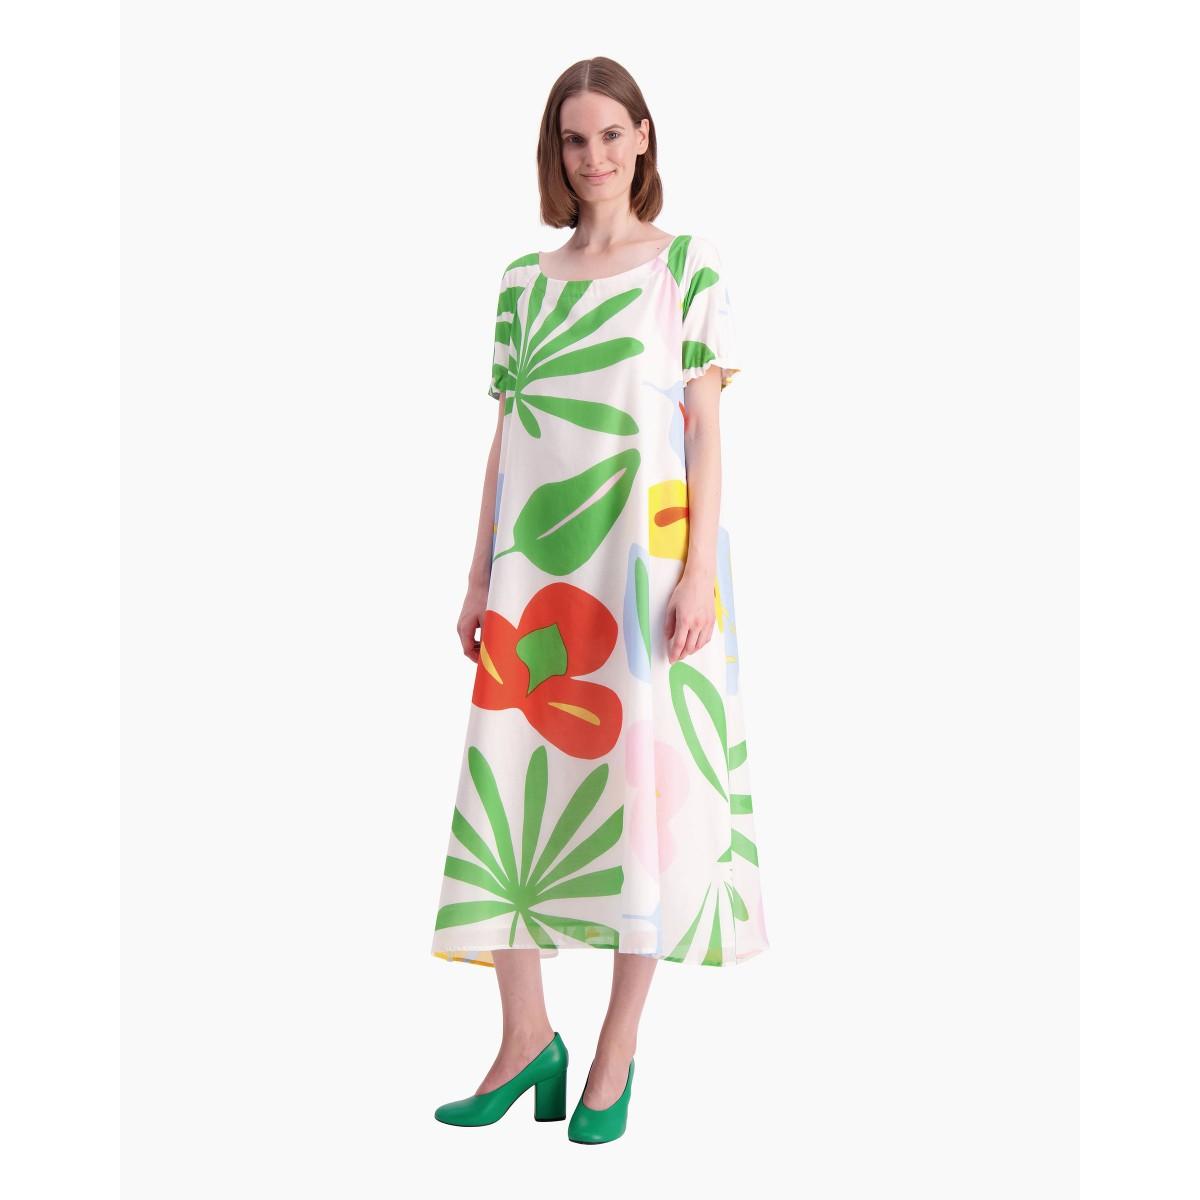 Uutuudet koko 40 ostaa Väkevä Viidakko -mekko - l.valkoinen, punainen, vihreä ...